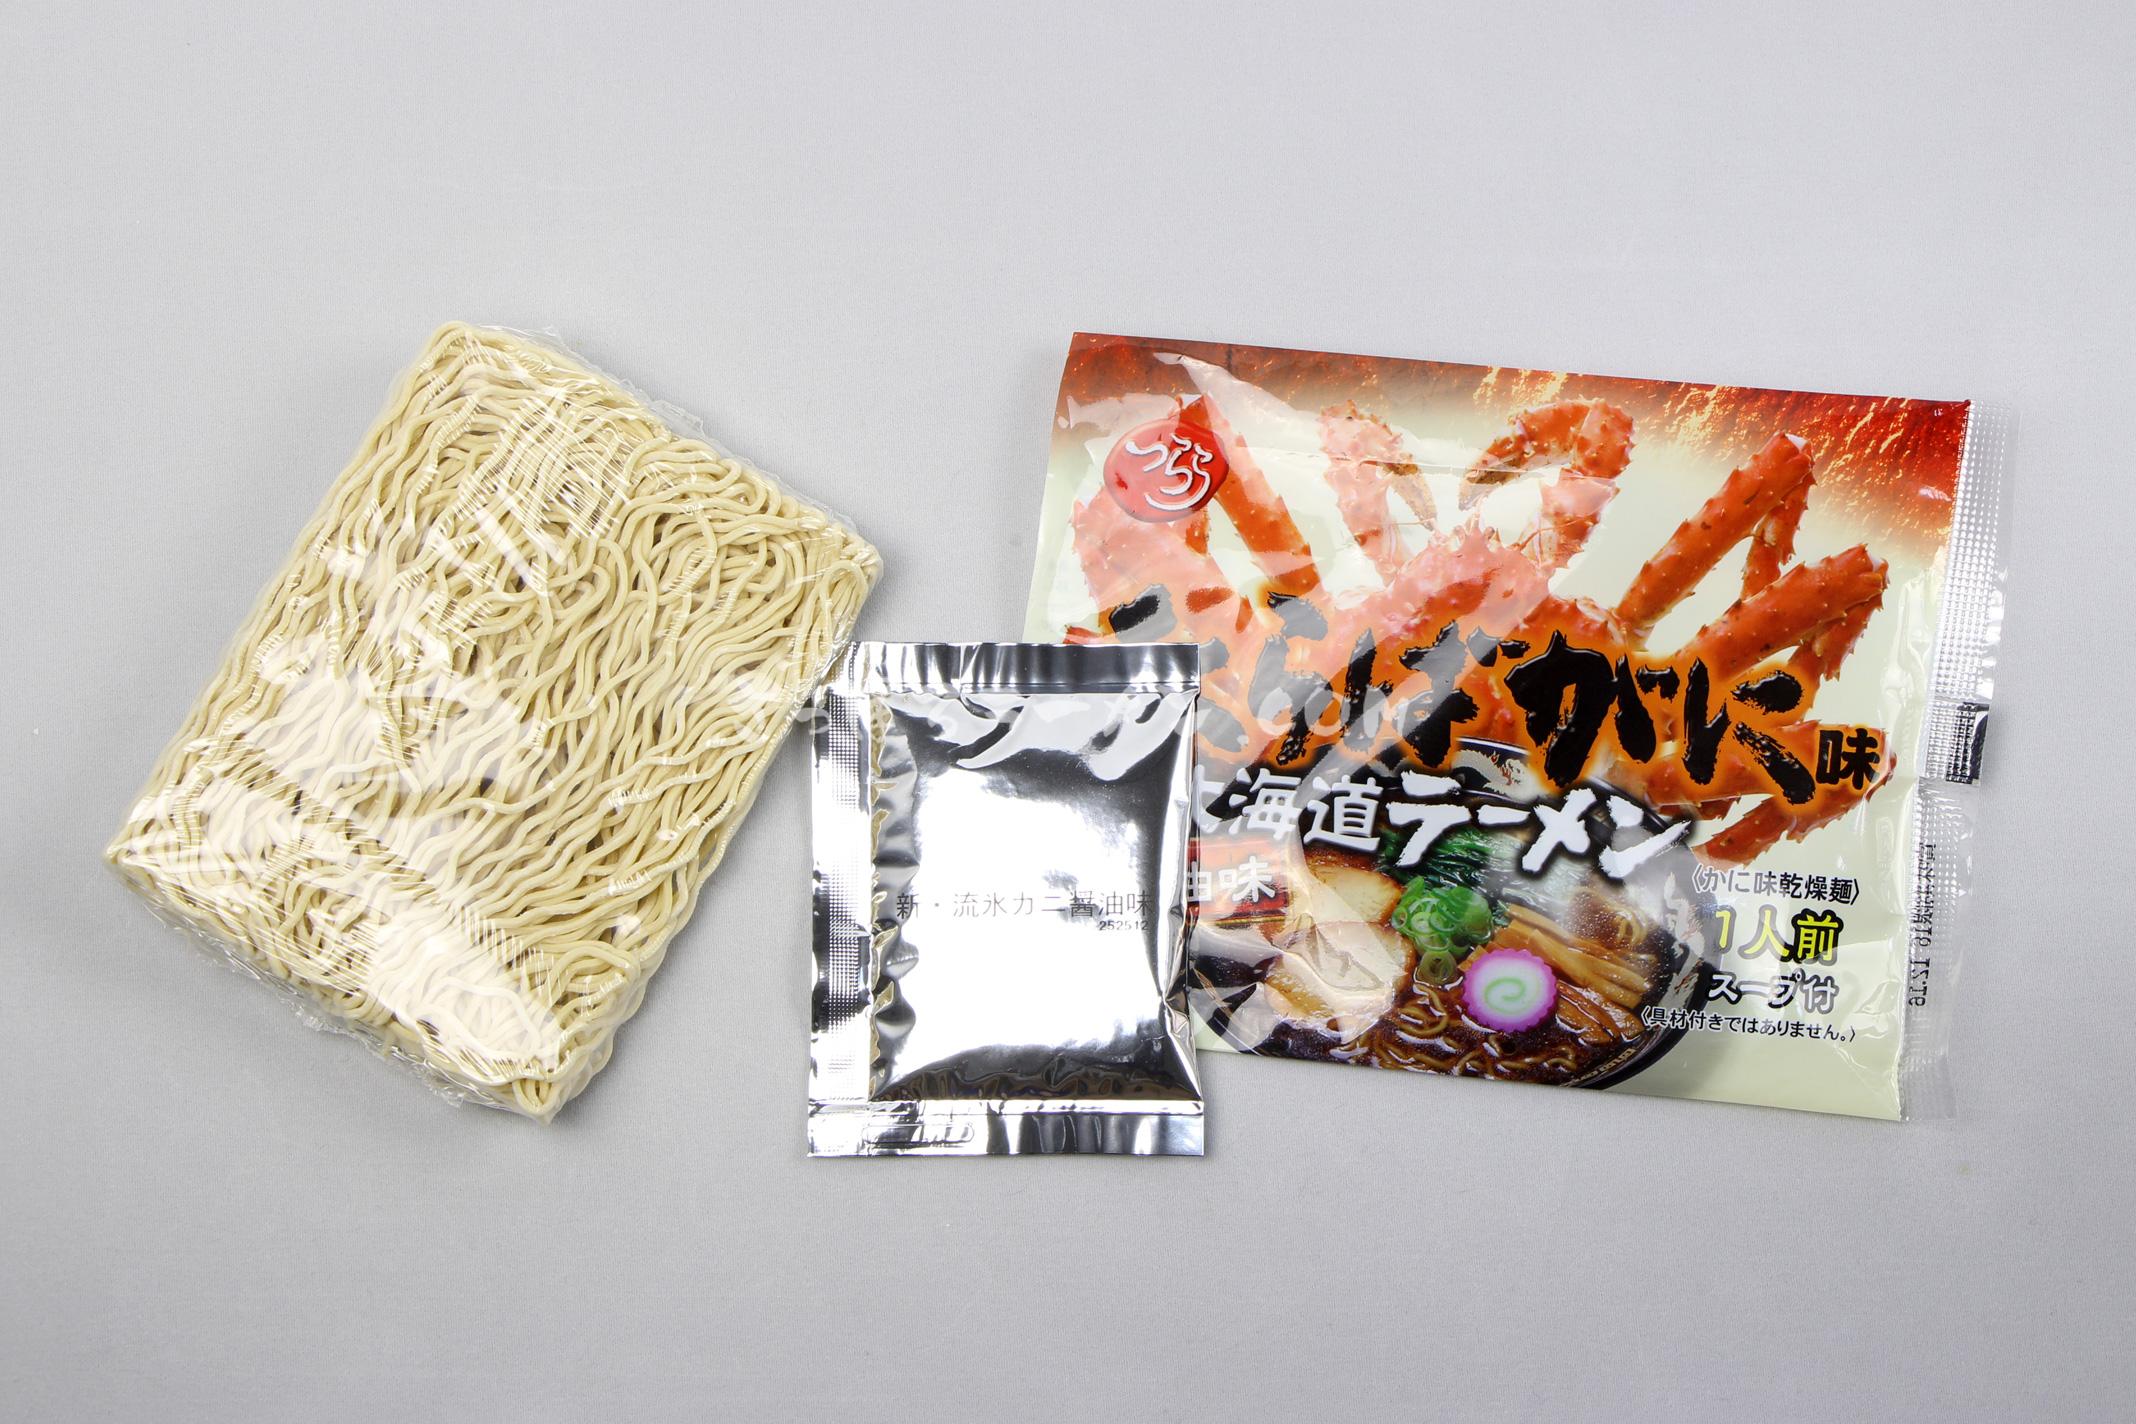 「新・たらばがに北海道ラーメン しょうゆ味」(つらら)の麺とスープ